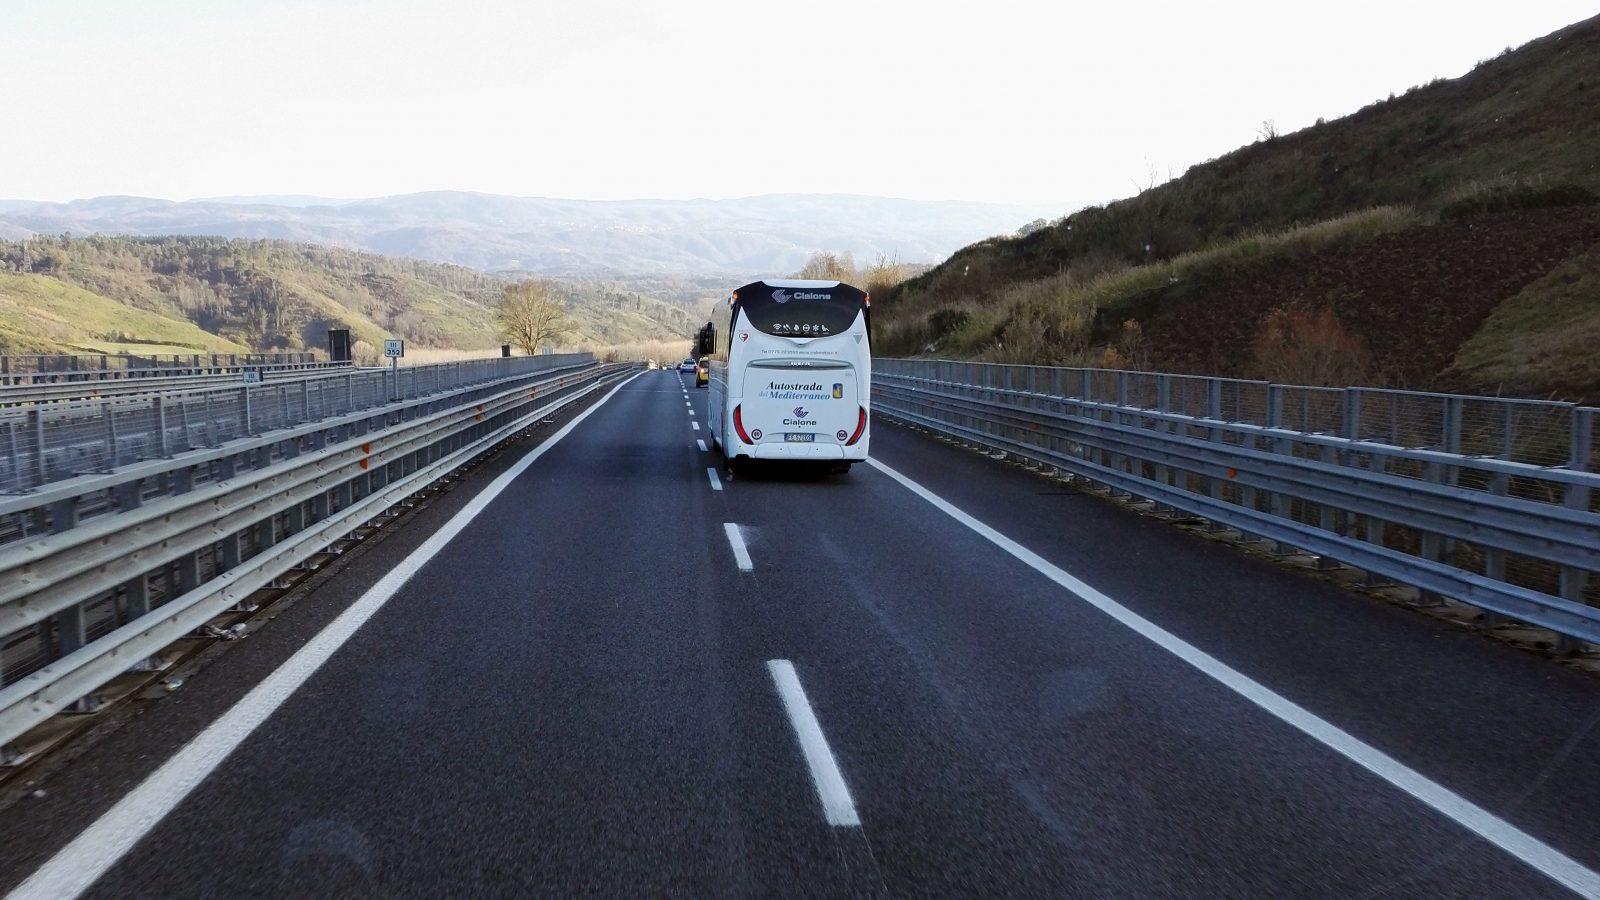 In viaggio lungo la nuova Autostrada del Mediterraneo dopo i lavori di ammodernamento (Archivio storico Anas)